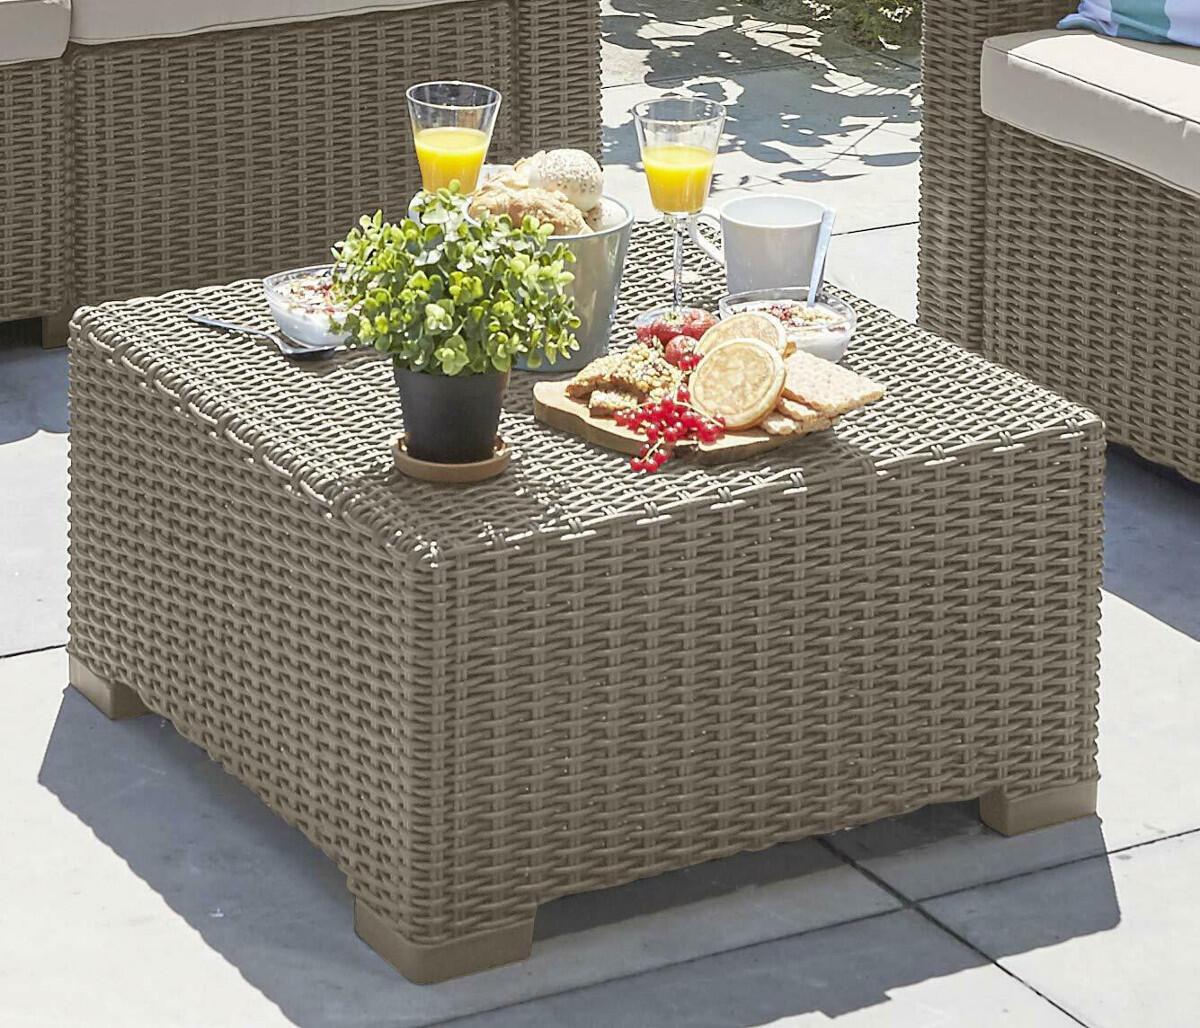 Tavolino da giardino quadrata California KETER con piano in resina L 68 x P 68 cm - 2